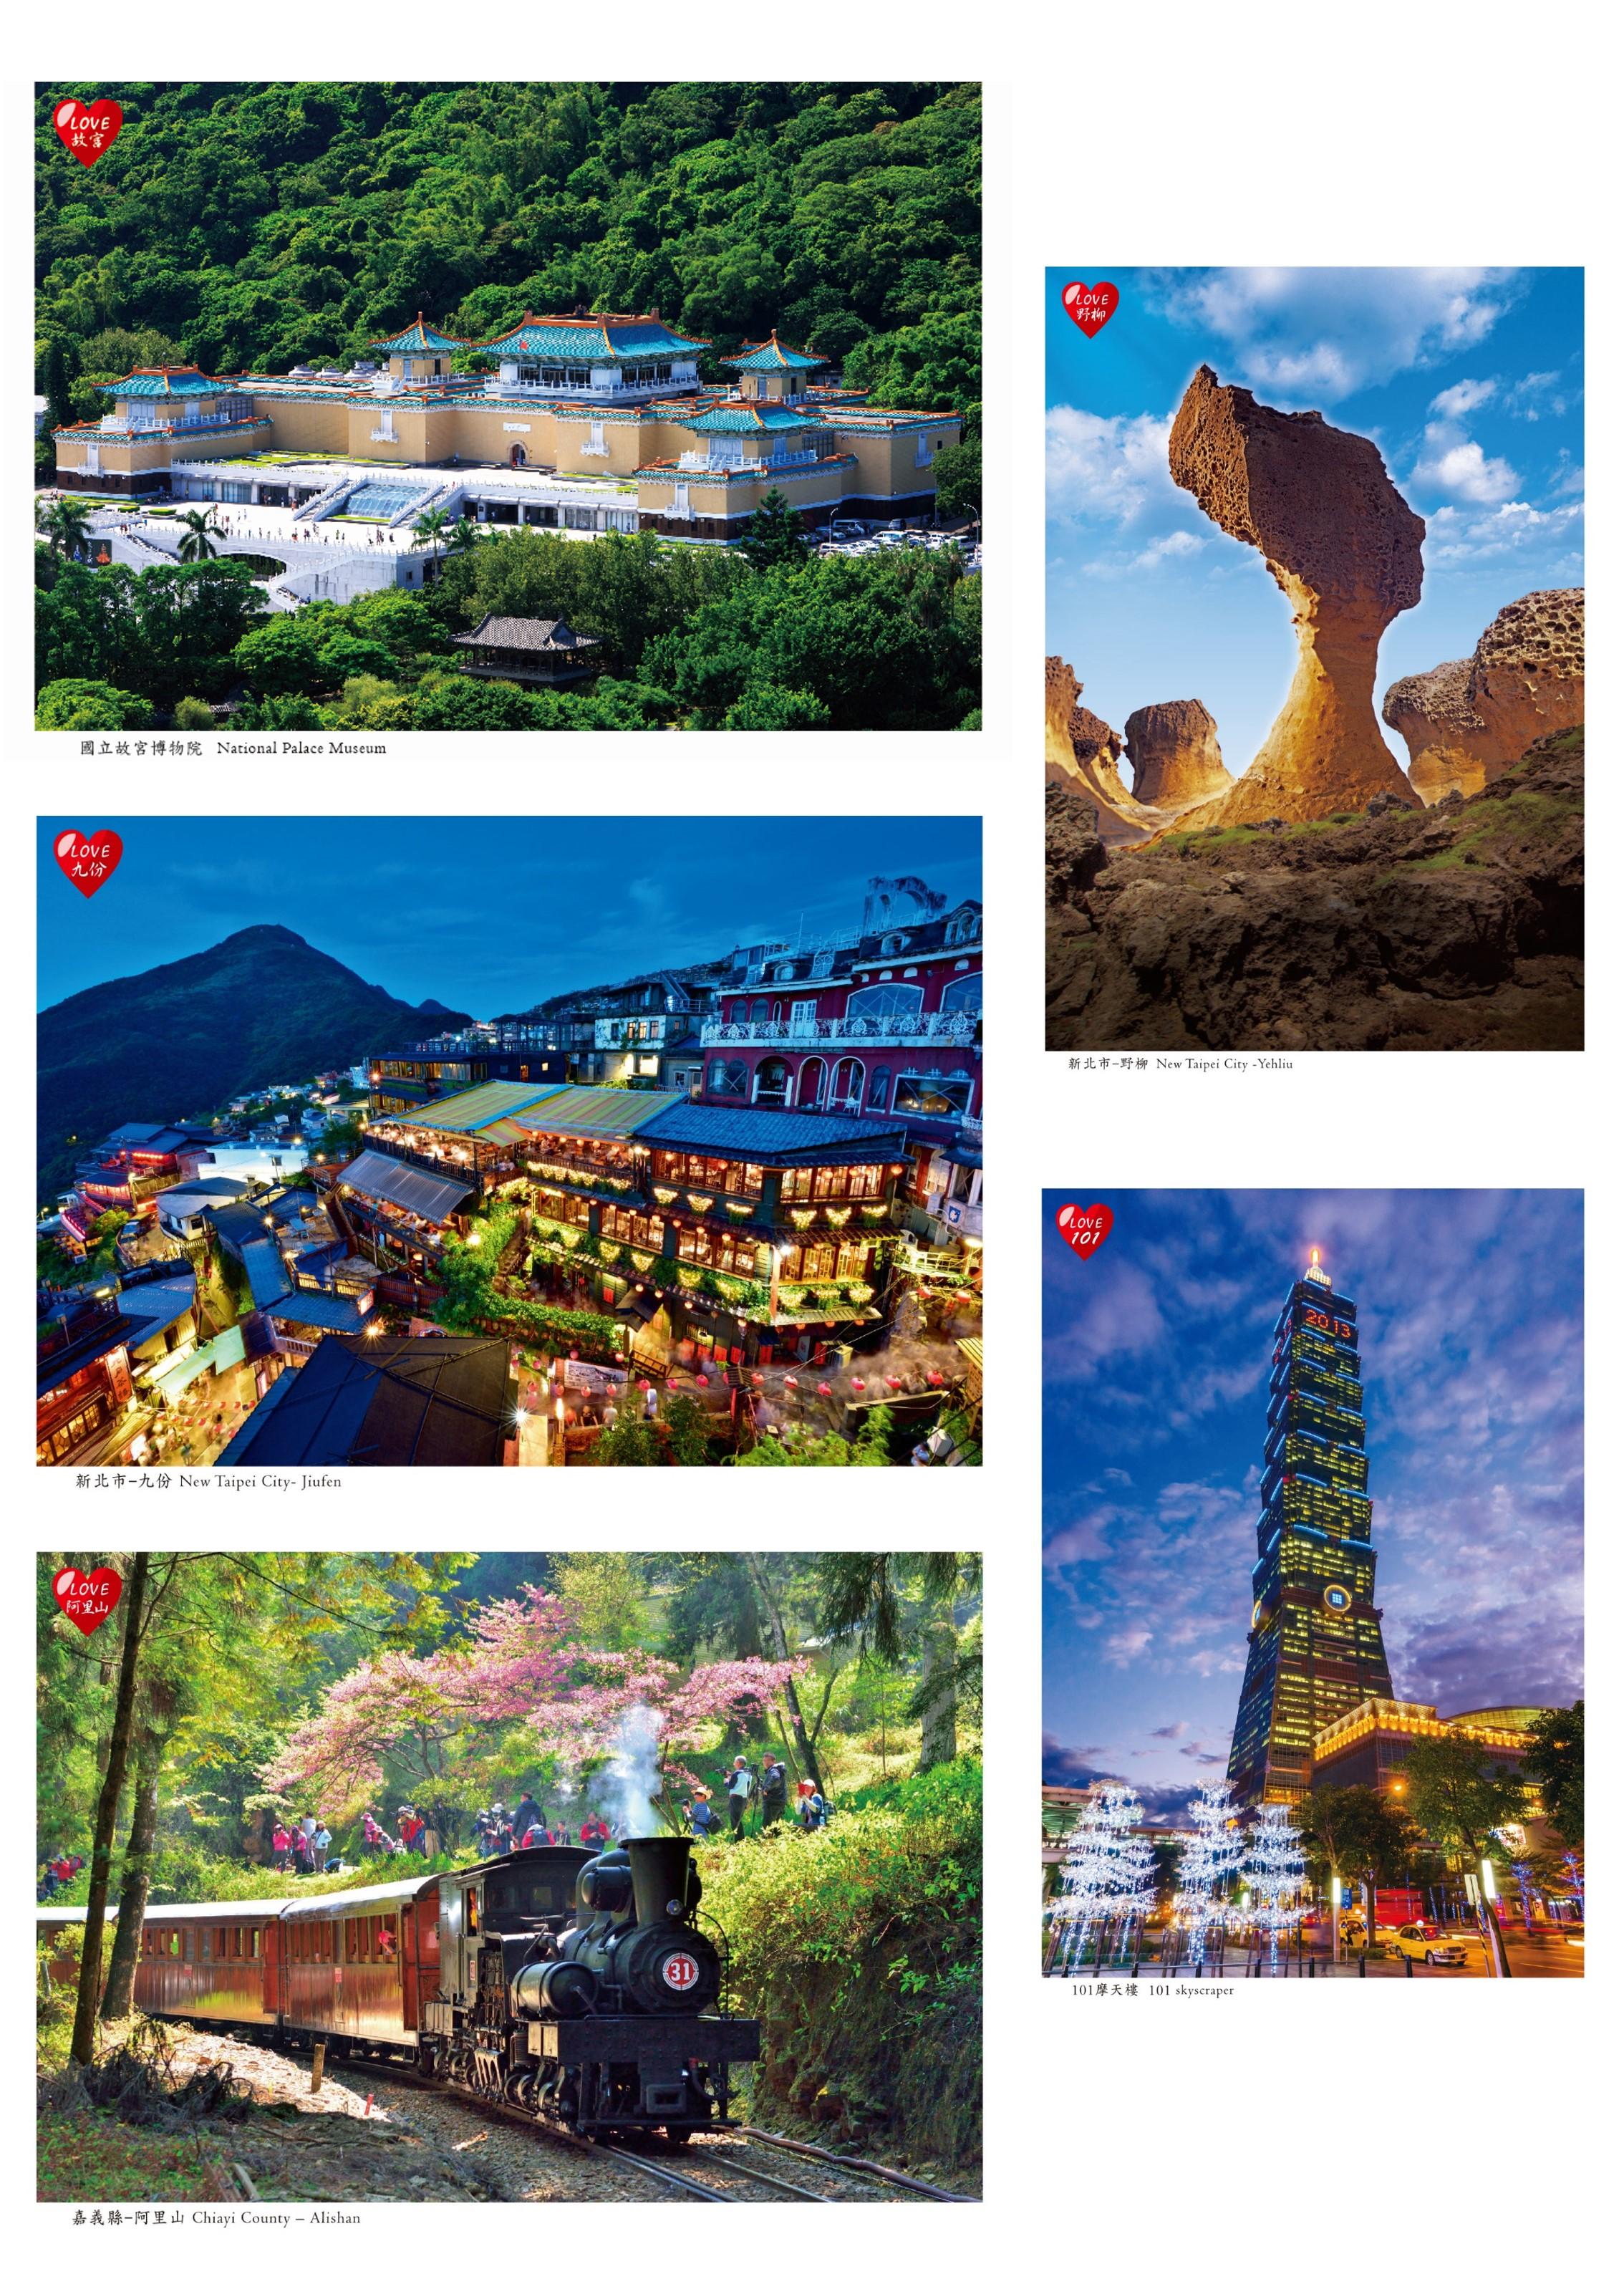 美麗寶島十大風景明信片